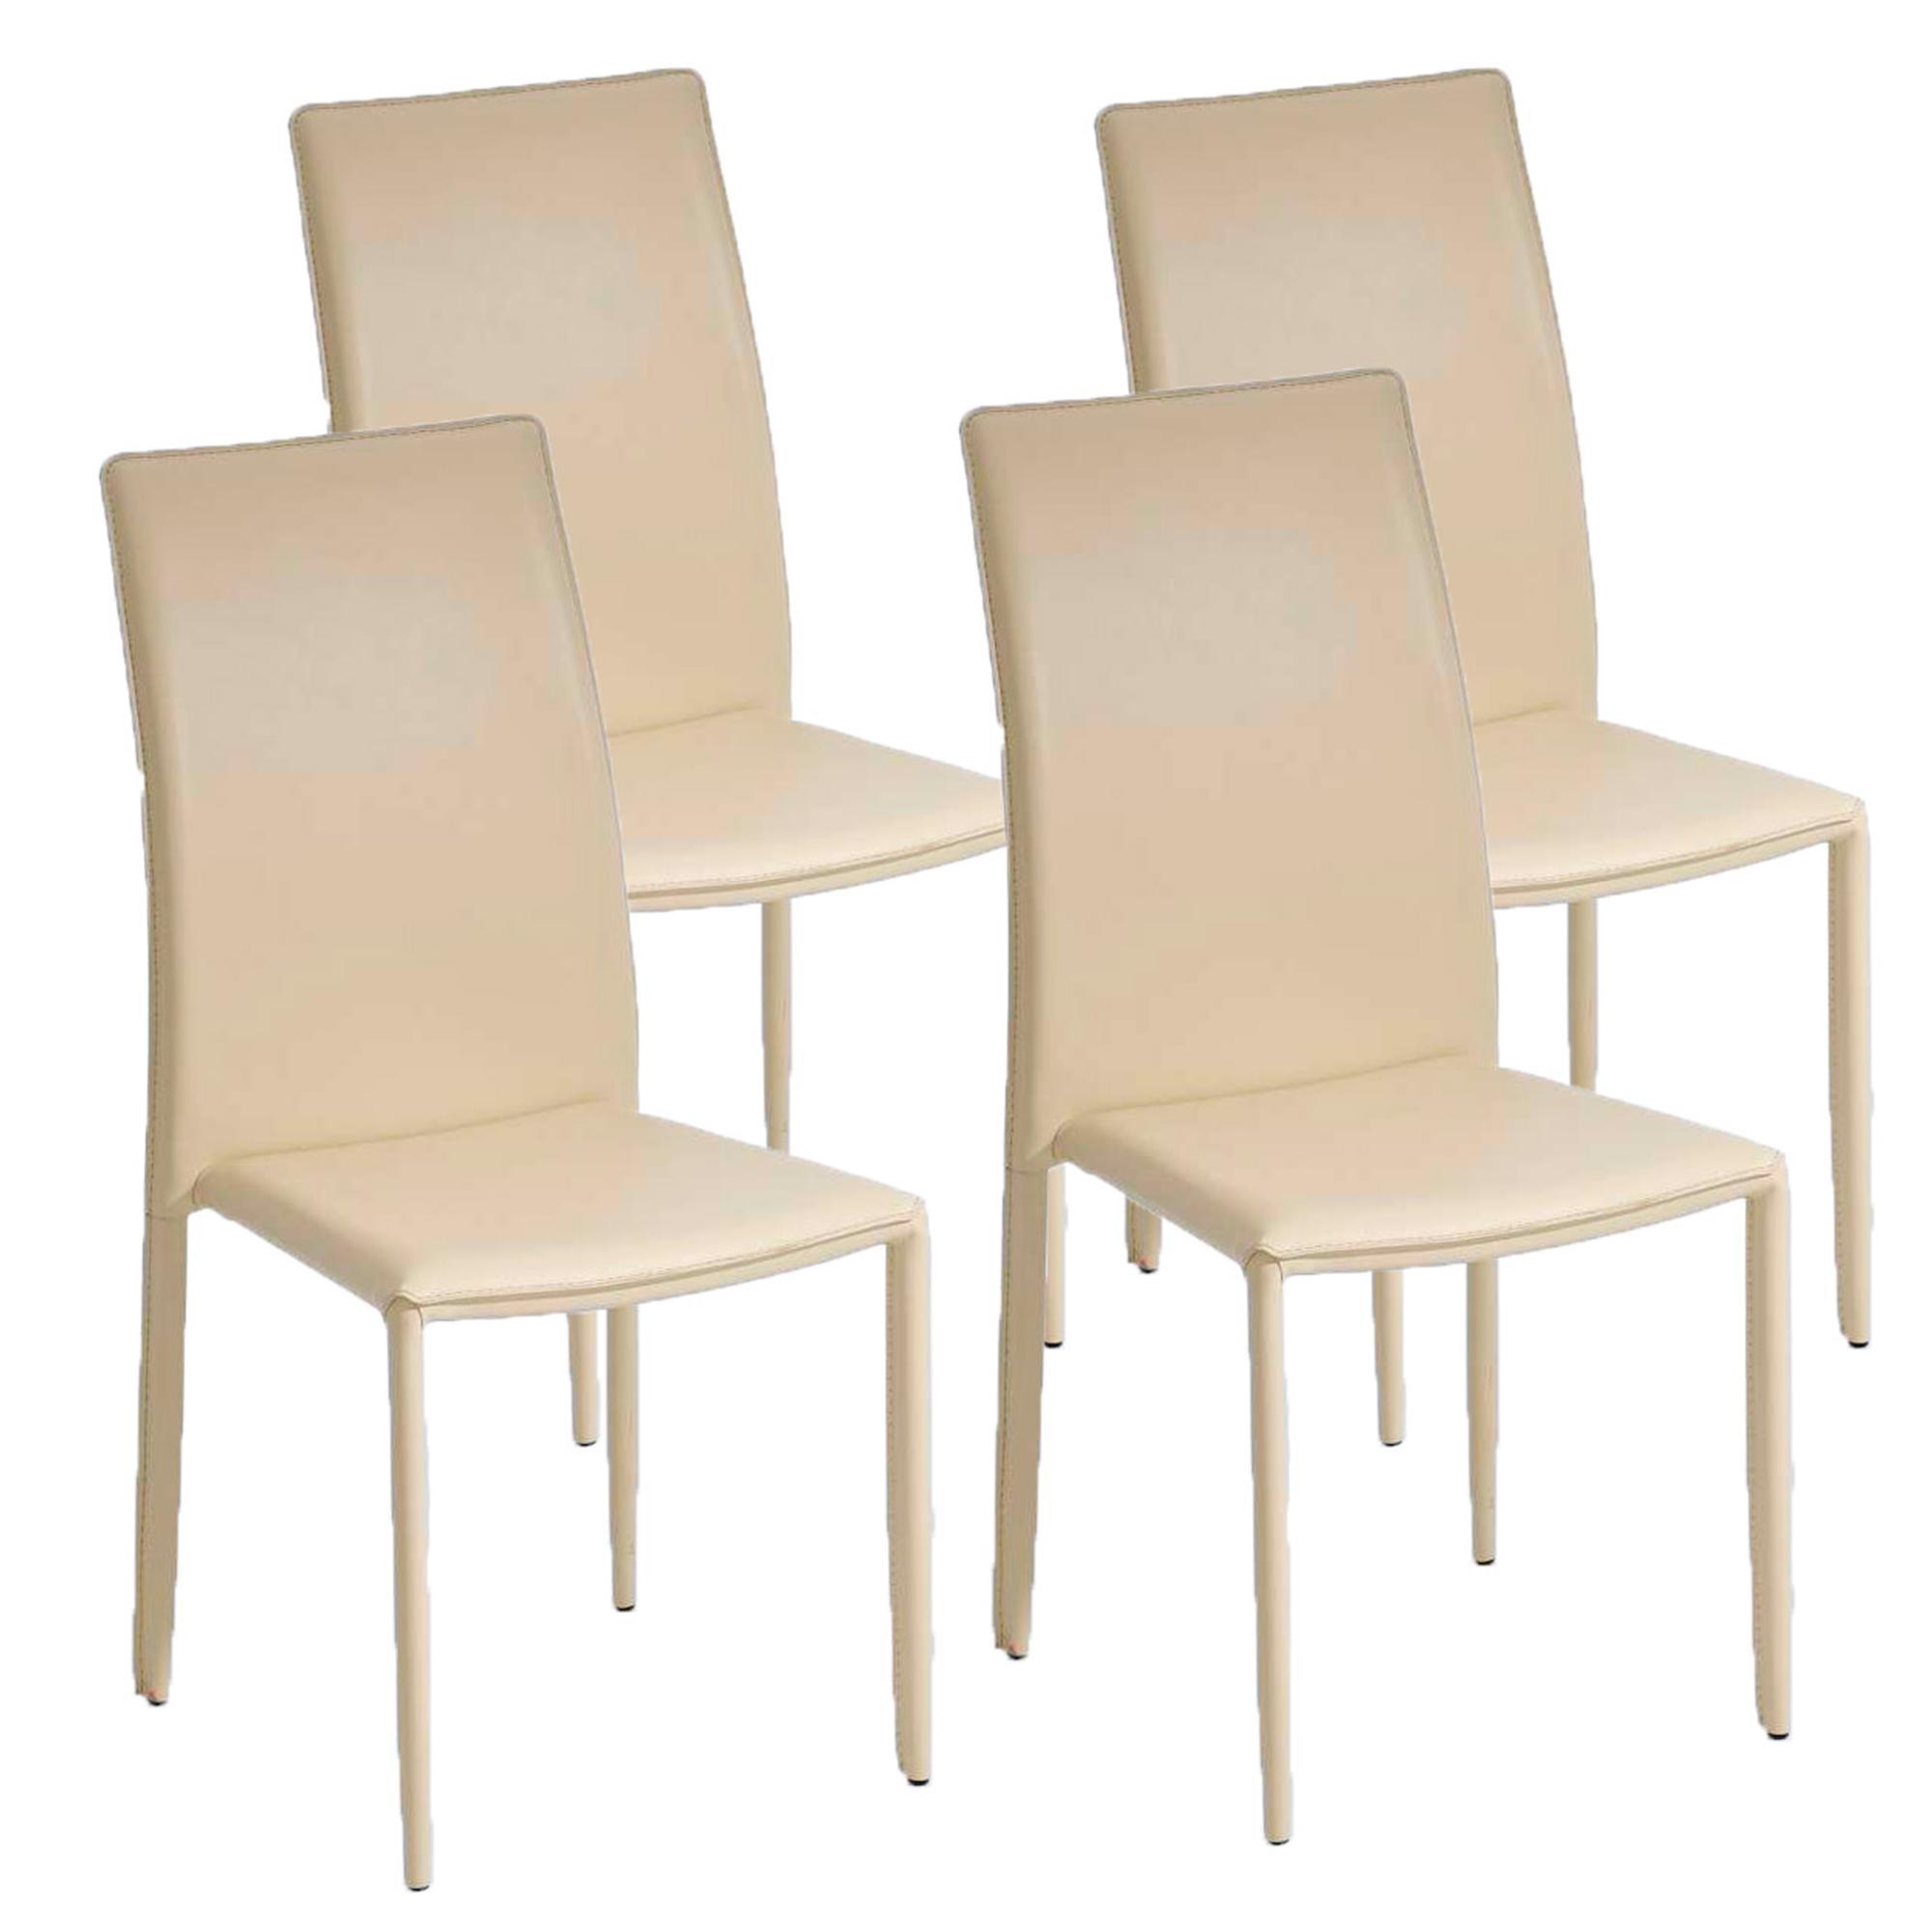 Lote 4 sillas de comedor o cocina alena apilables color for Sillas apilables comedor